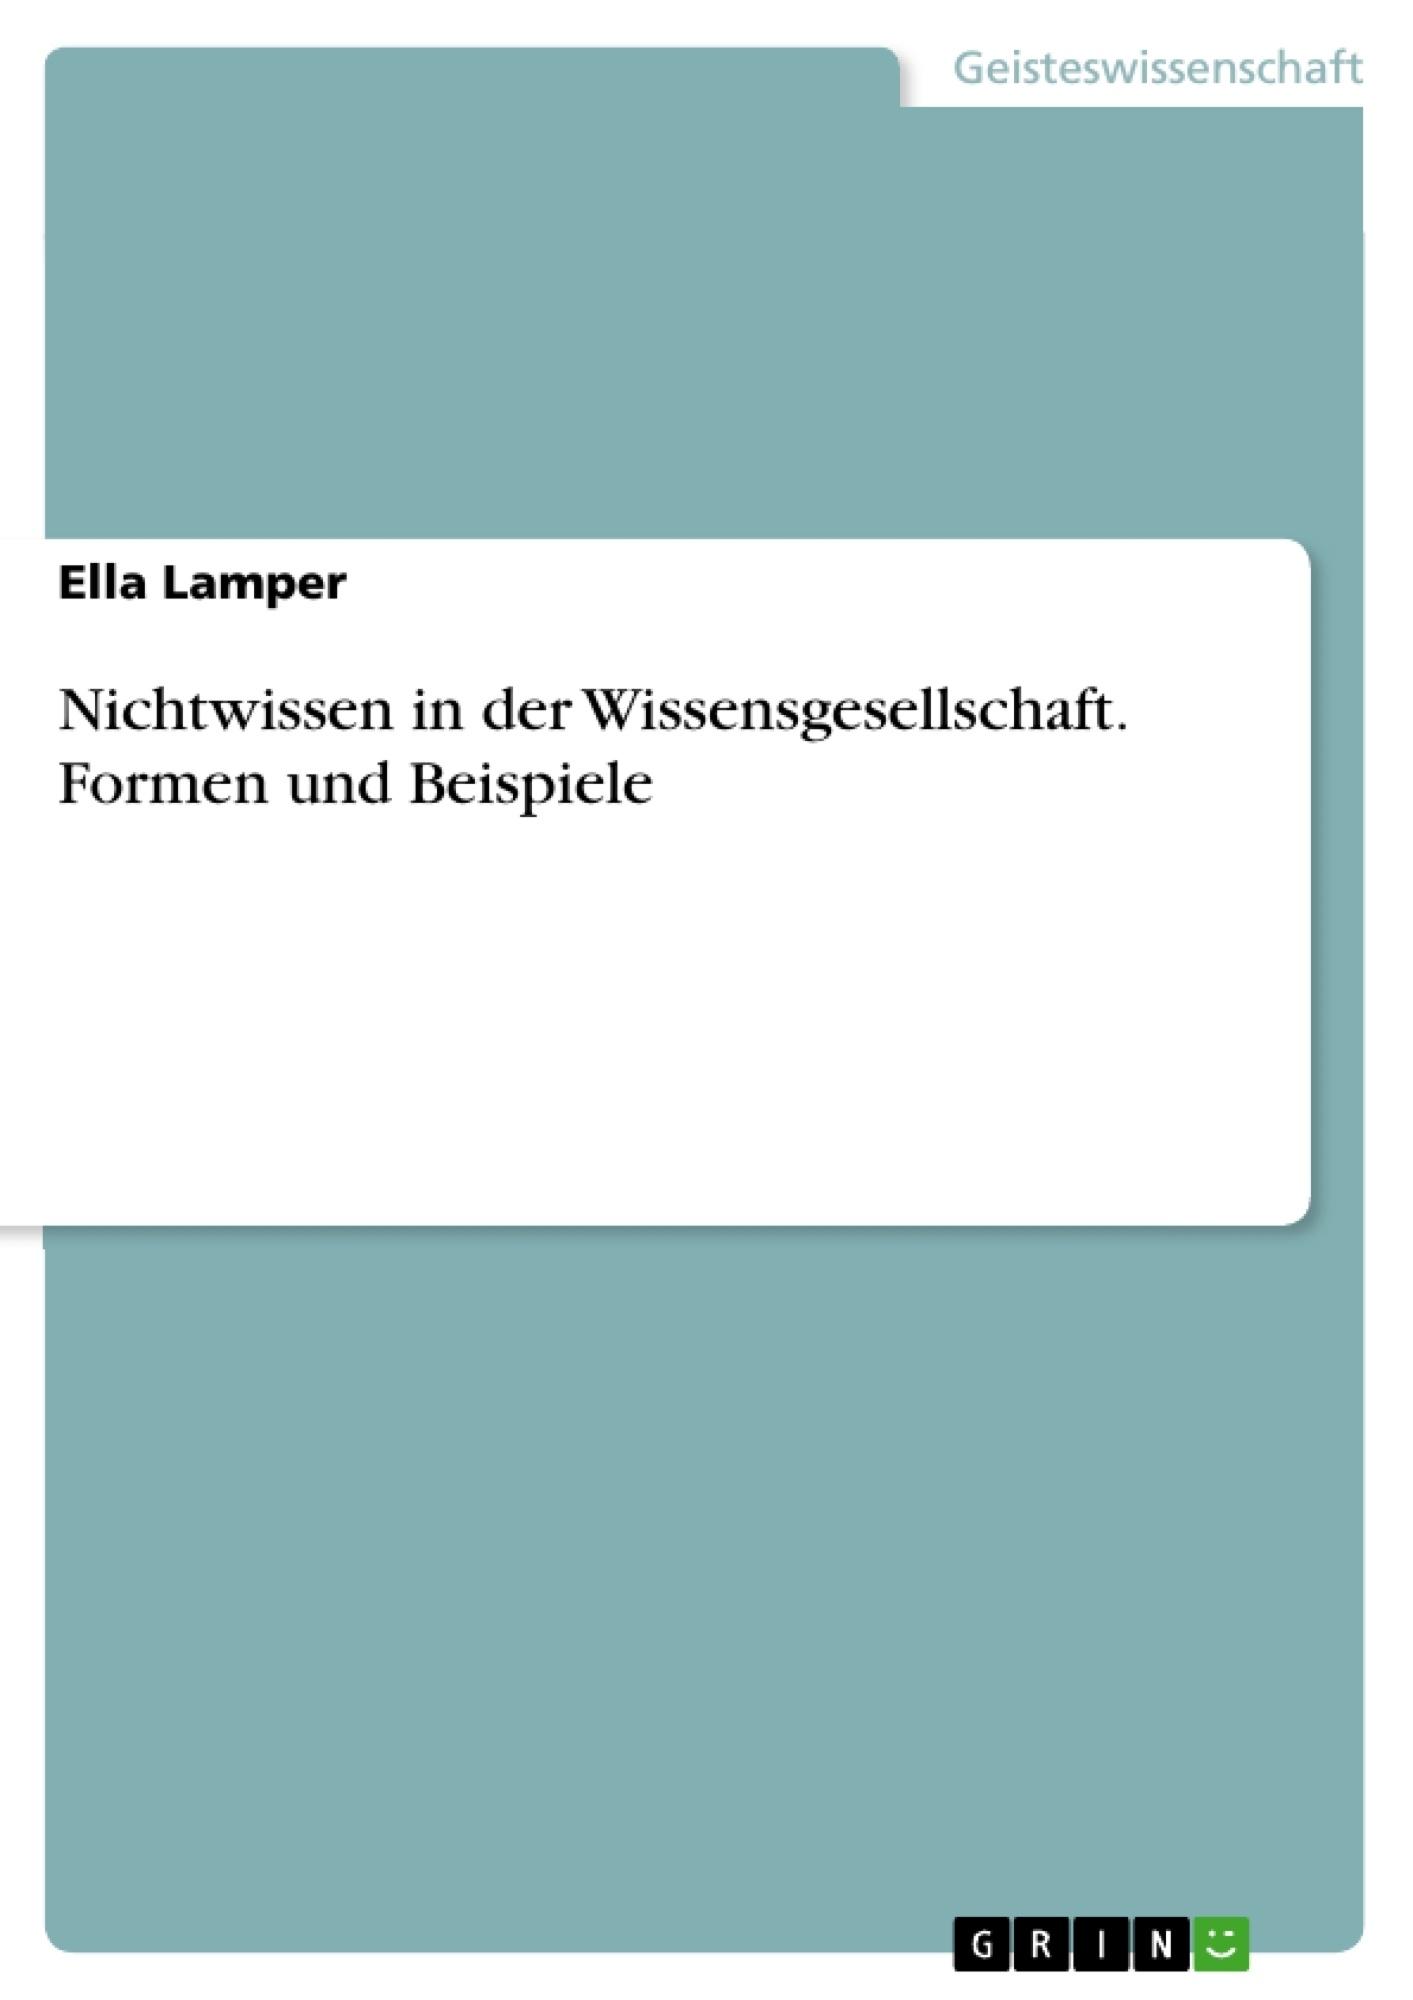 Titel: Nichtwissen in der Wissensgesellschaft. Formen und Beispiele